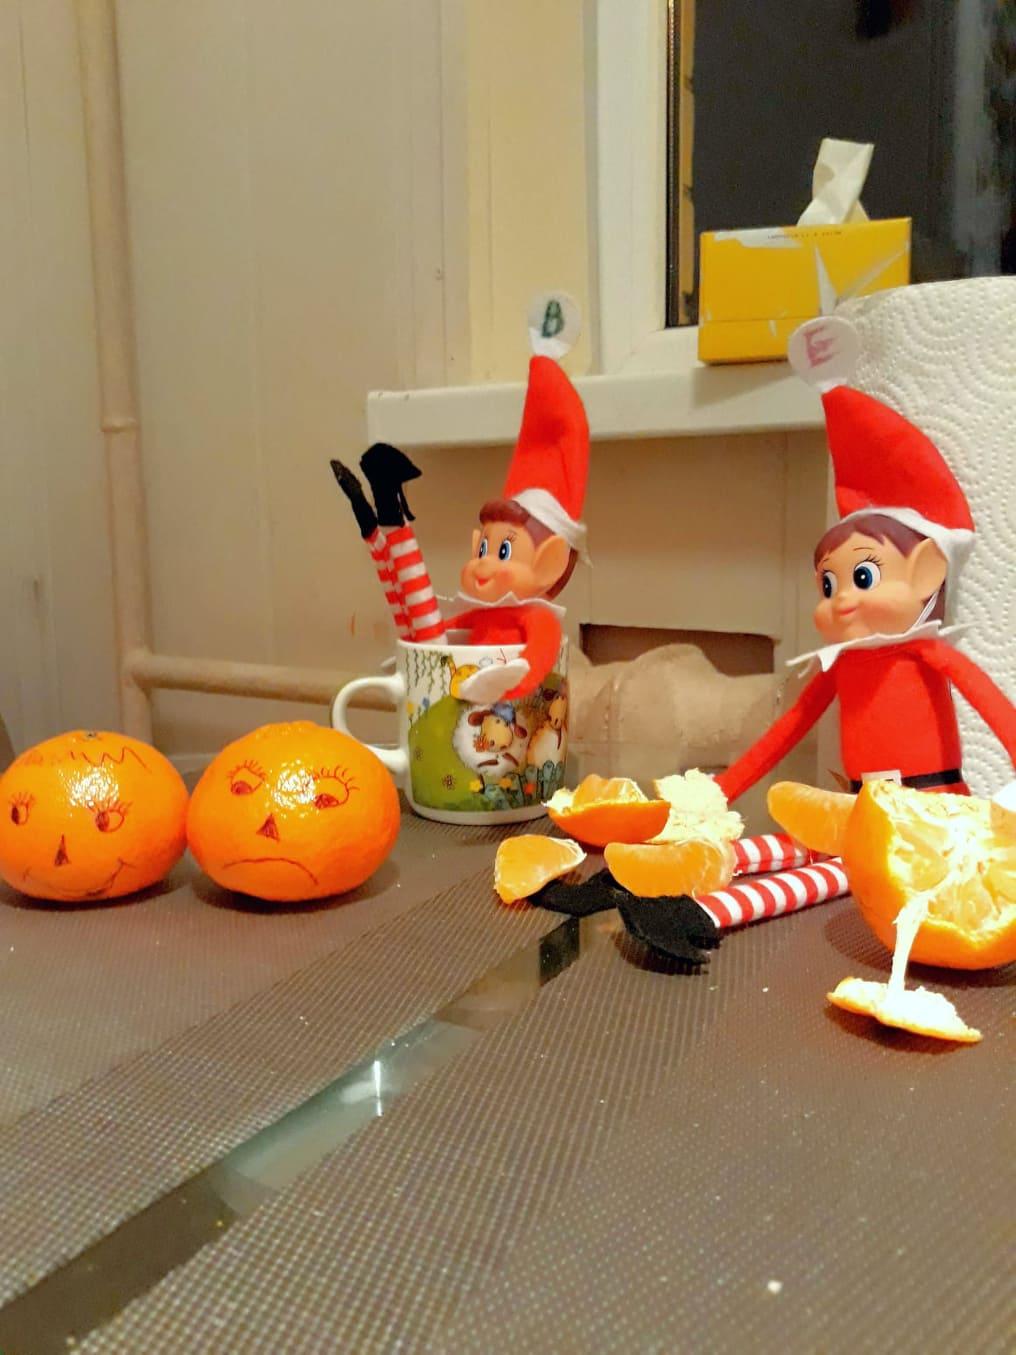 Gražinos namuose apsigyvenę elfai nebuvo labai išdykę. Štai jie užklupti bevalgantys mandarinus. / Asmeninio archyvo nuotr.